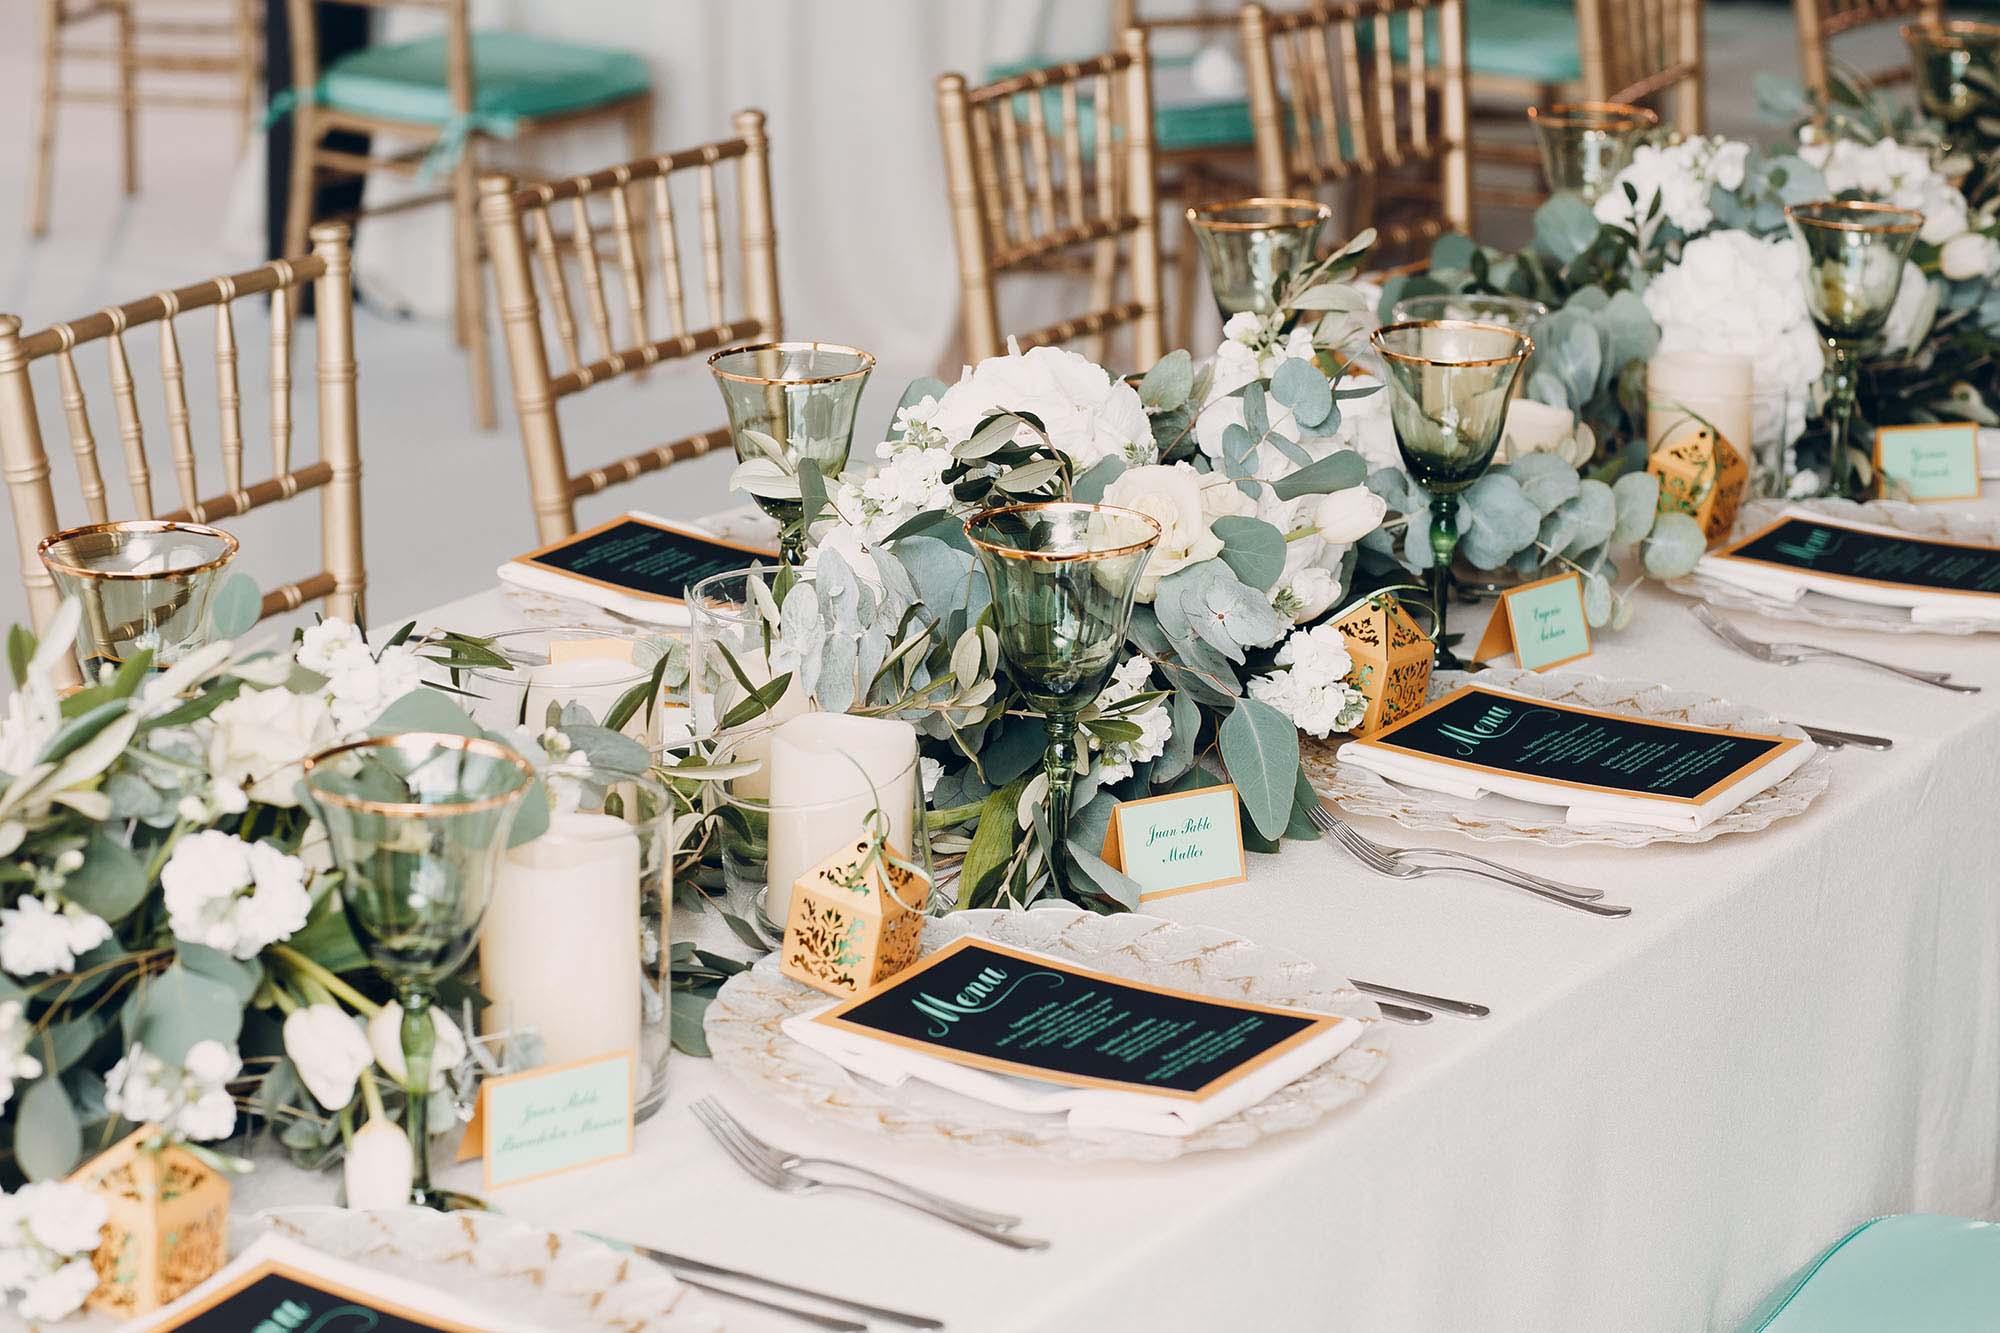 Personal Weddings | Hochzeitsplanerin Nicole Friedrich